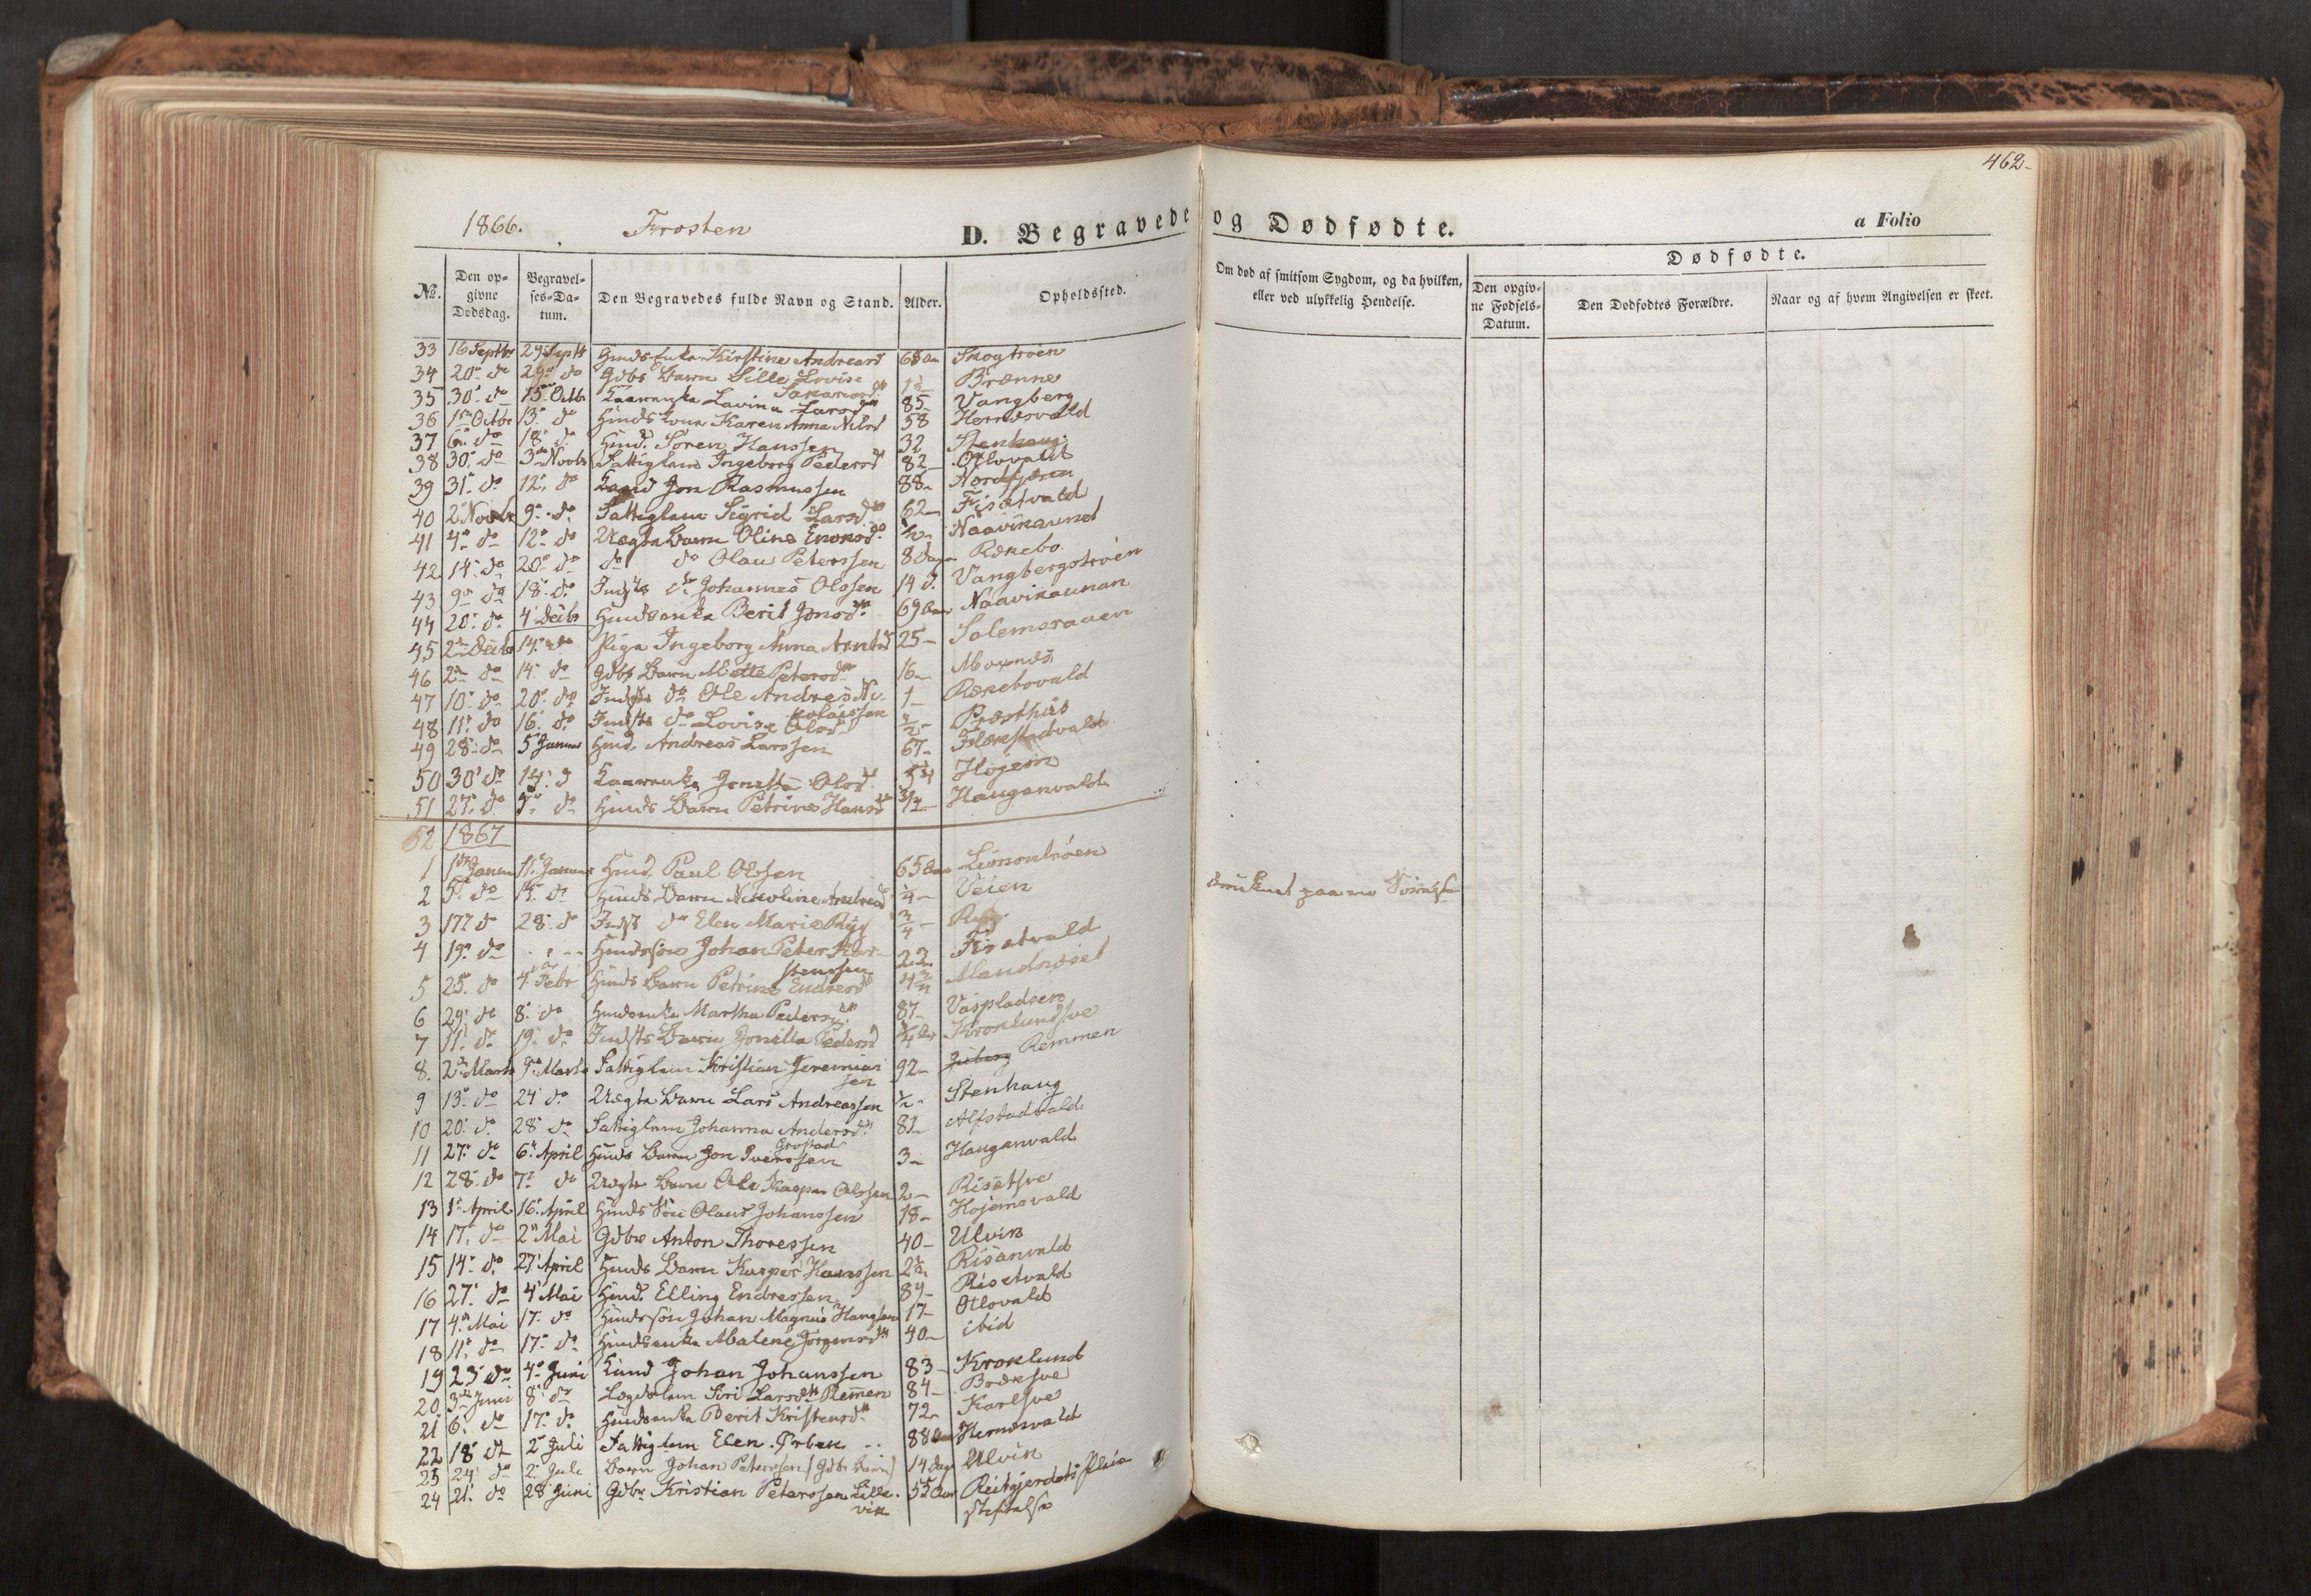 SAT, Ministerialprotokoller, klokkerbøker og fødselsregistre - Nord-Trøndelag, 713/L0116: Ministerialbok nr. 713A07, 1850-1877, s. 462